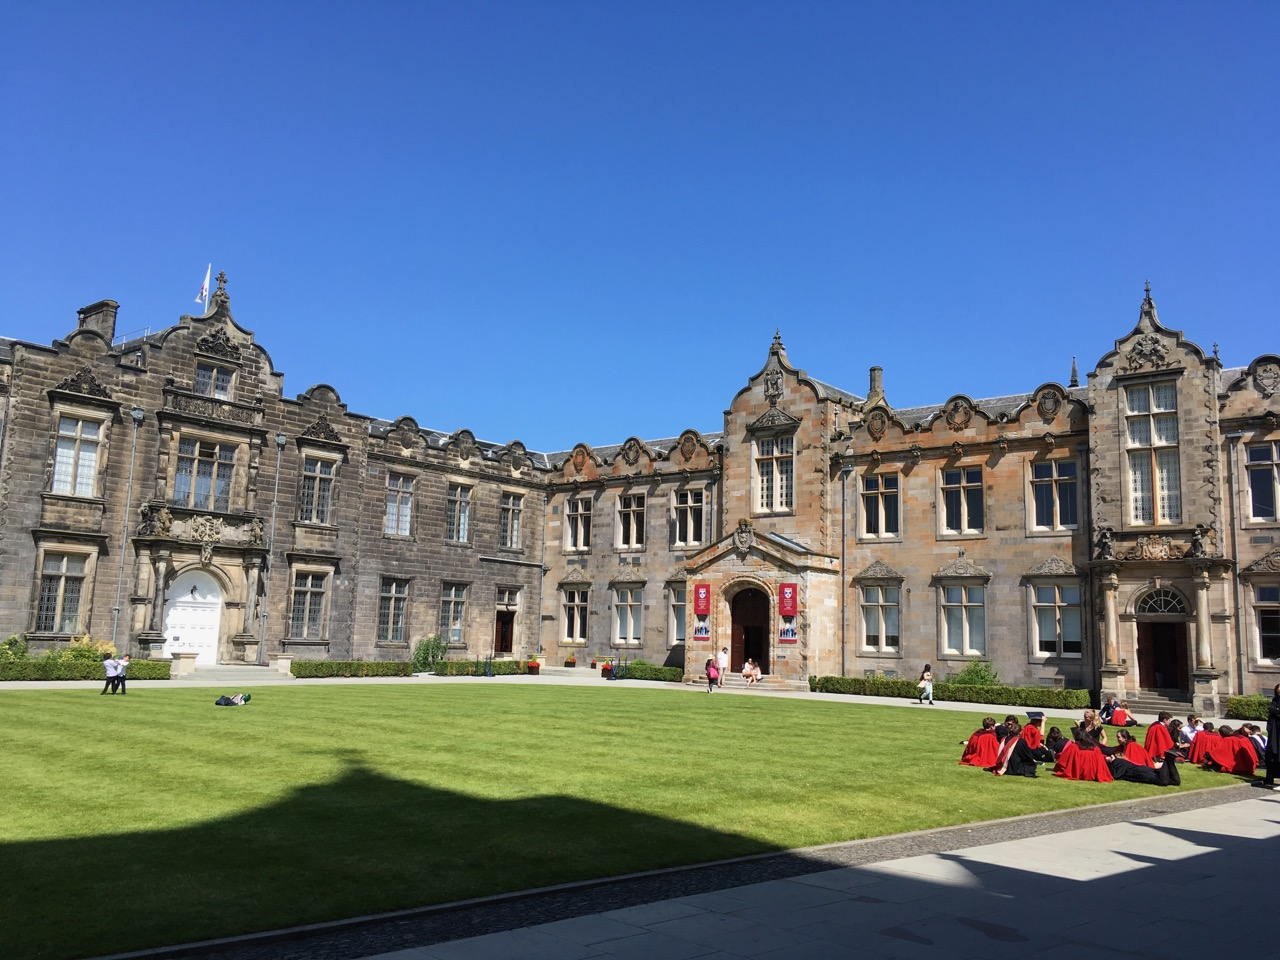 圣安德鲁斯大学,红袍(red gown)是圣安大学本科生的学位服。到了毕业季,镇上各个角落都有穿着红袍拍毕业照的同学